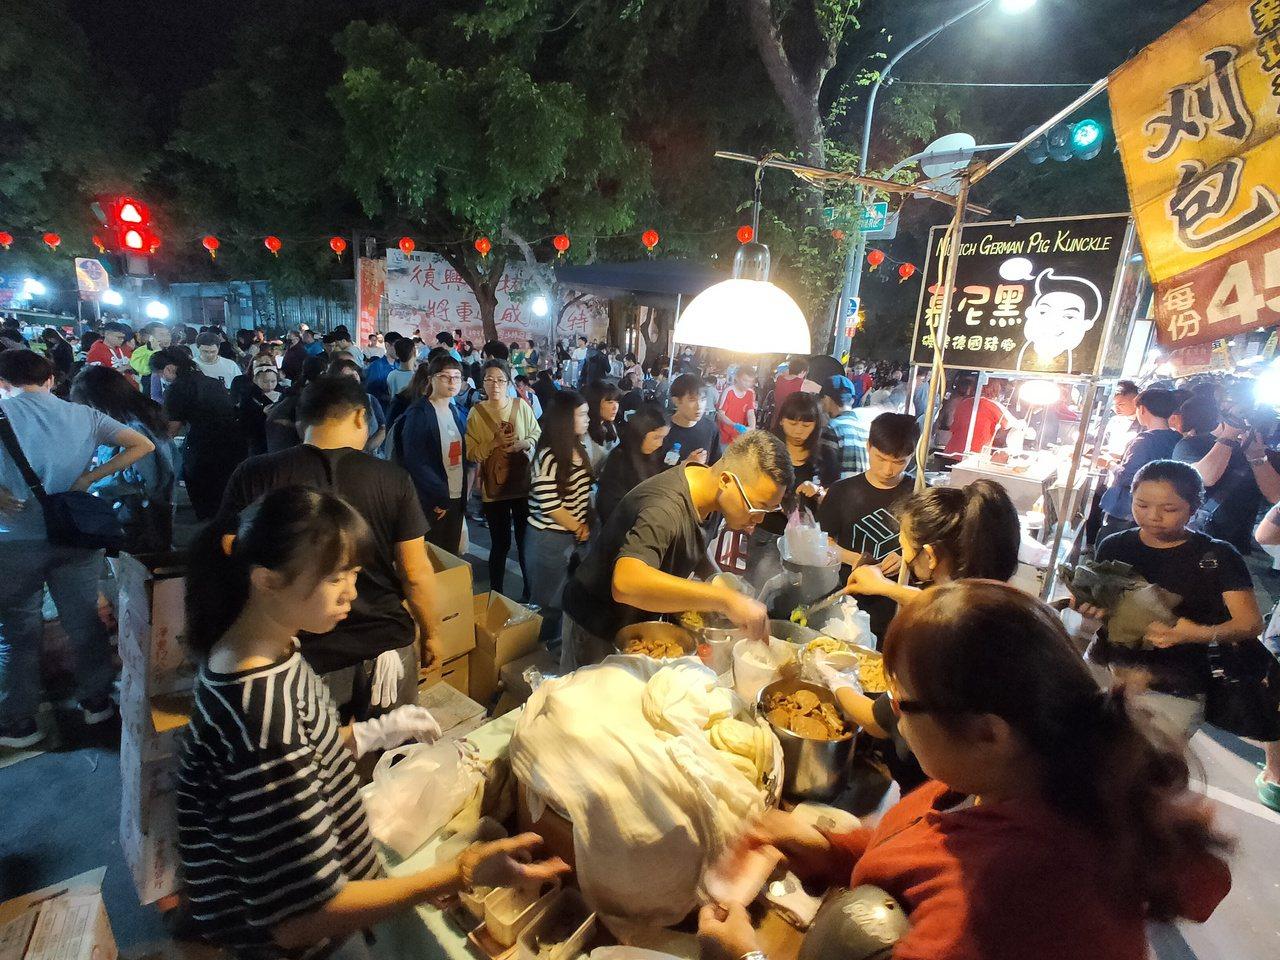 勞工夜市口頗具人氣的刈包攤大排長龍,蕭姓老闆說,要經營出一個買氣佳的攤子需要10...